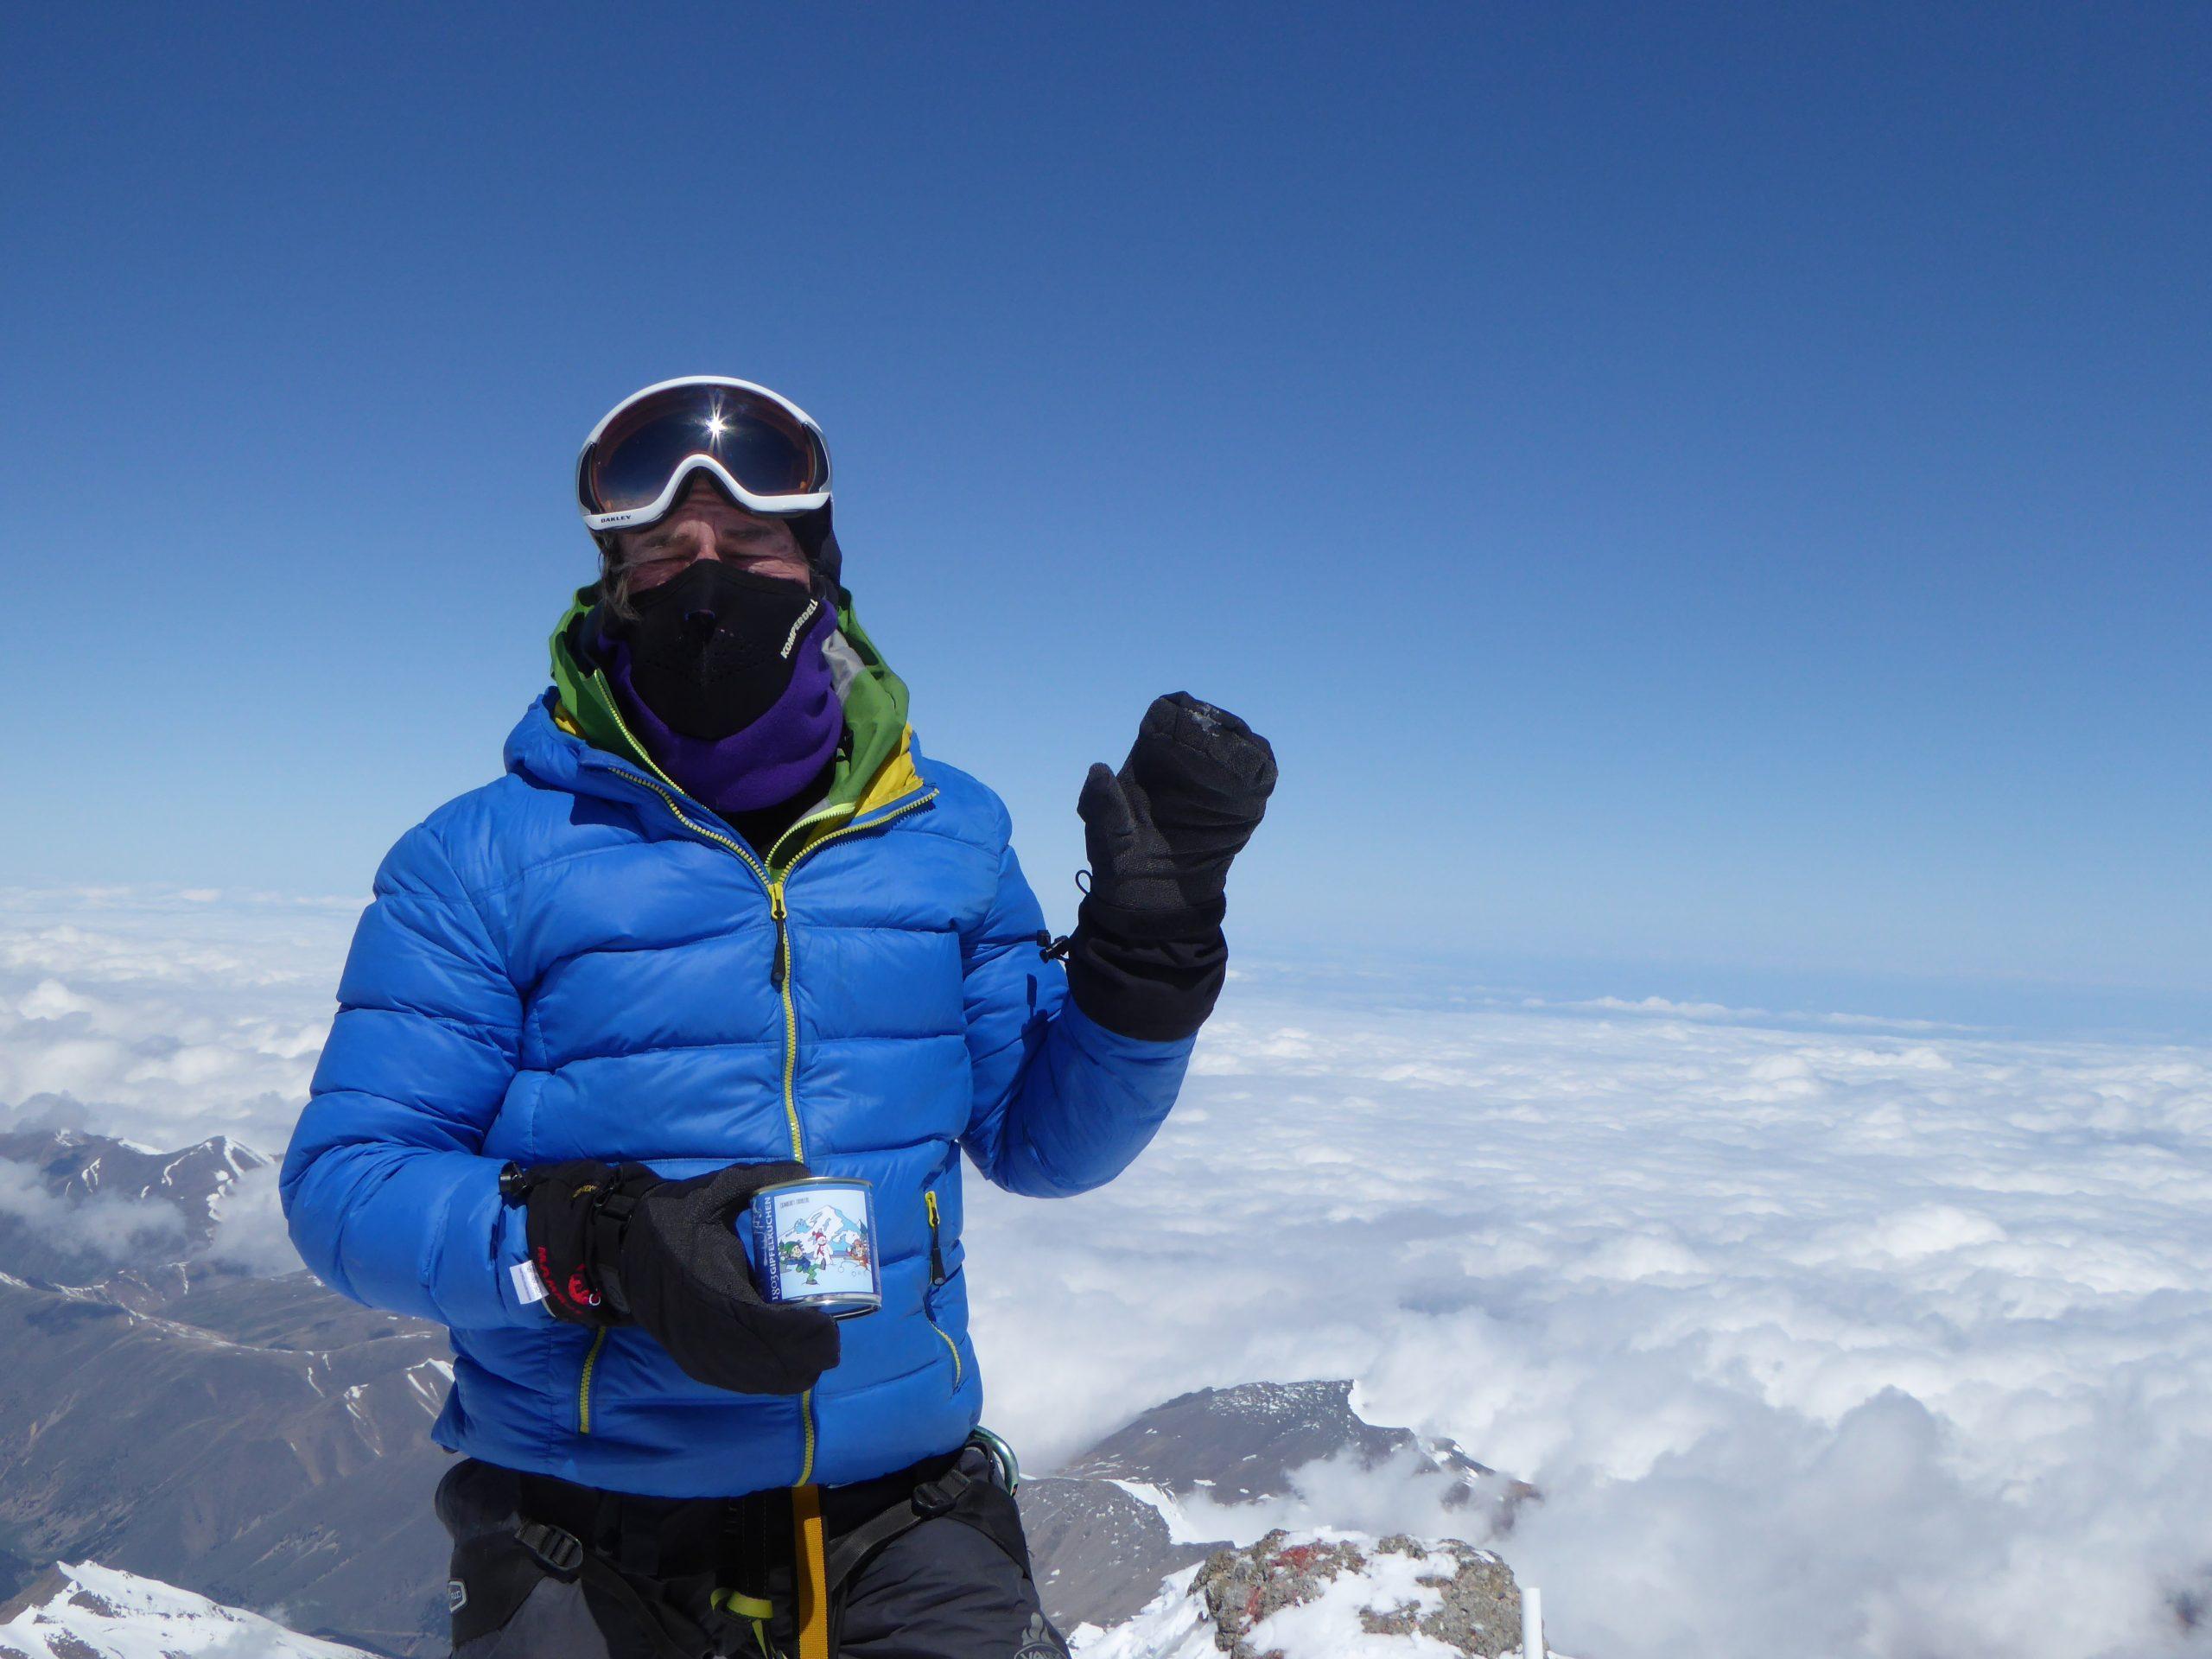 Reisebericht Ski Tour Elbrus